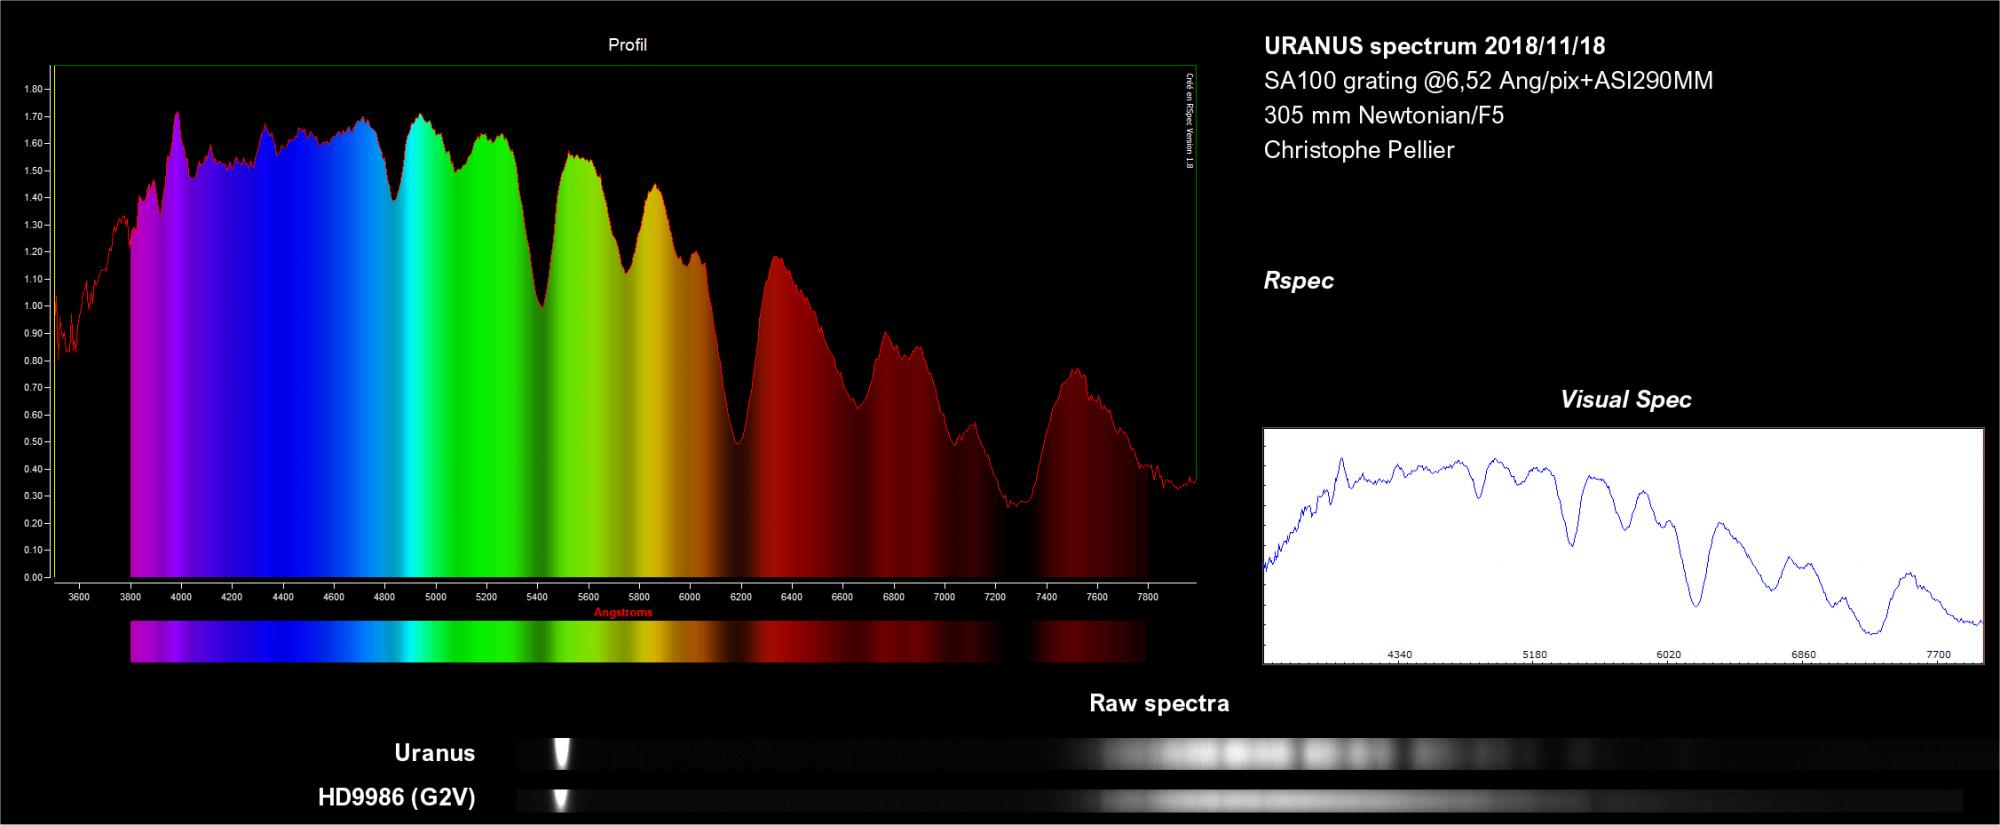 U2018-11-18_21-54_spectrum_cp.png